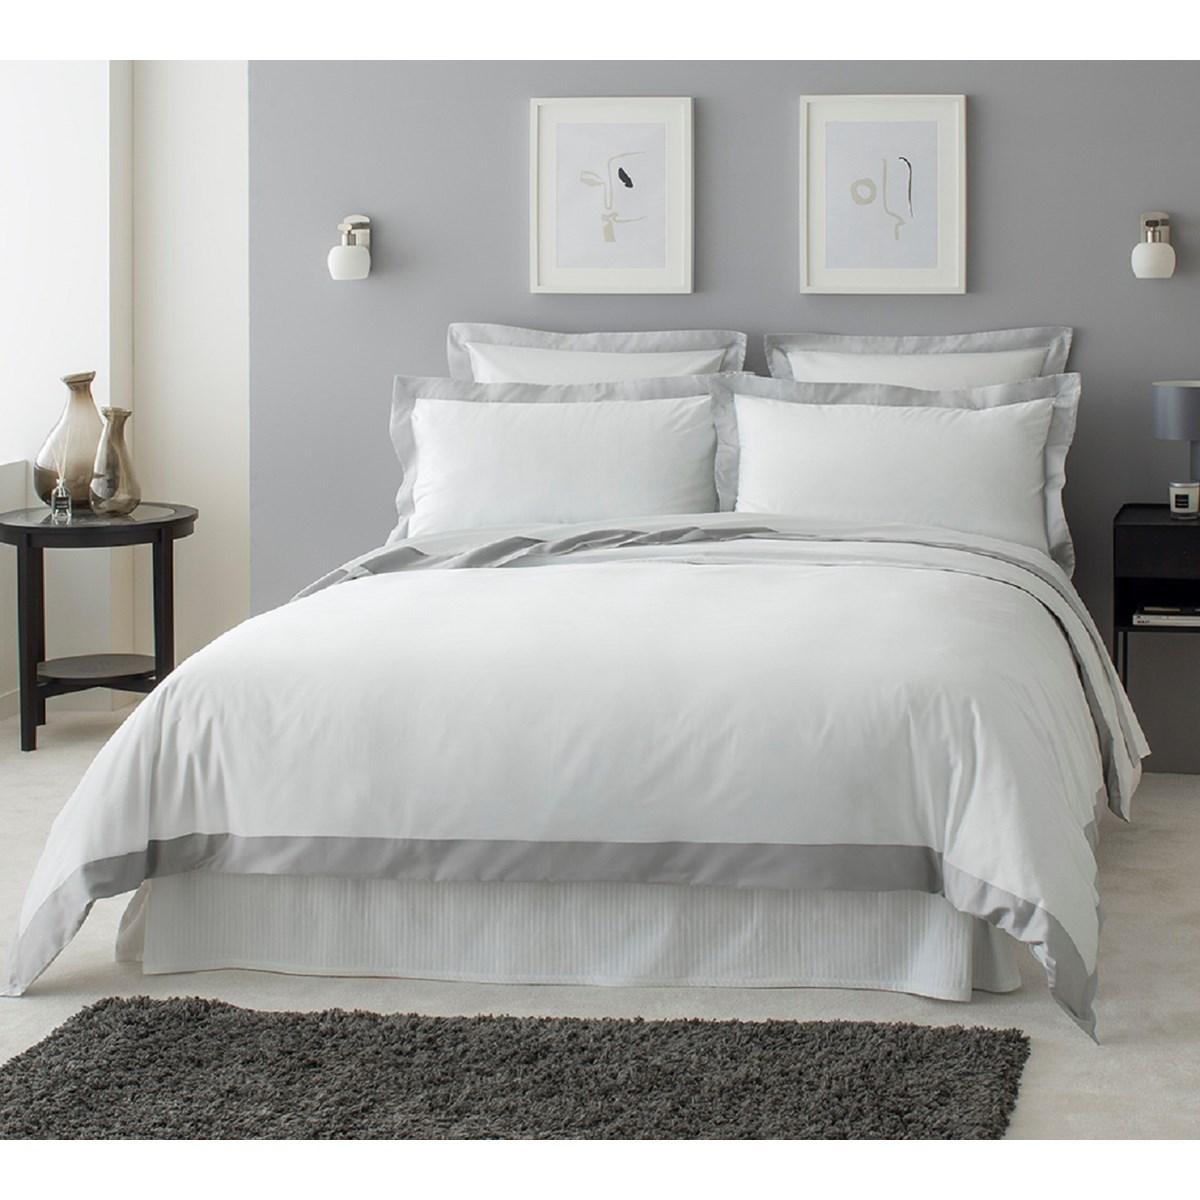 Drap plat luxe en Satin de coton Gris clair 270x310 cm